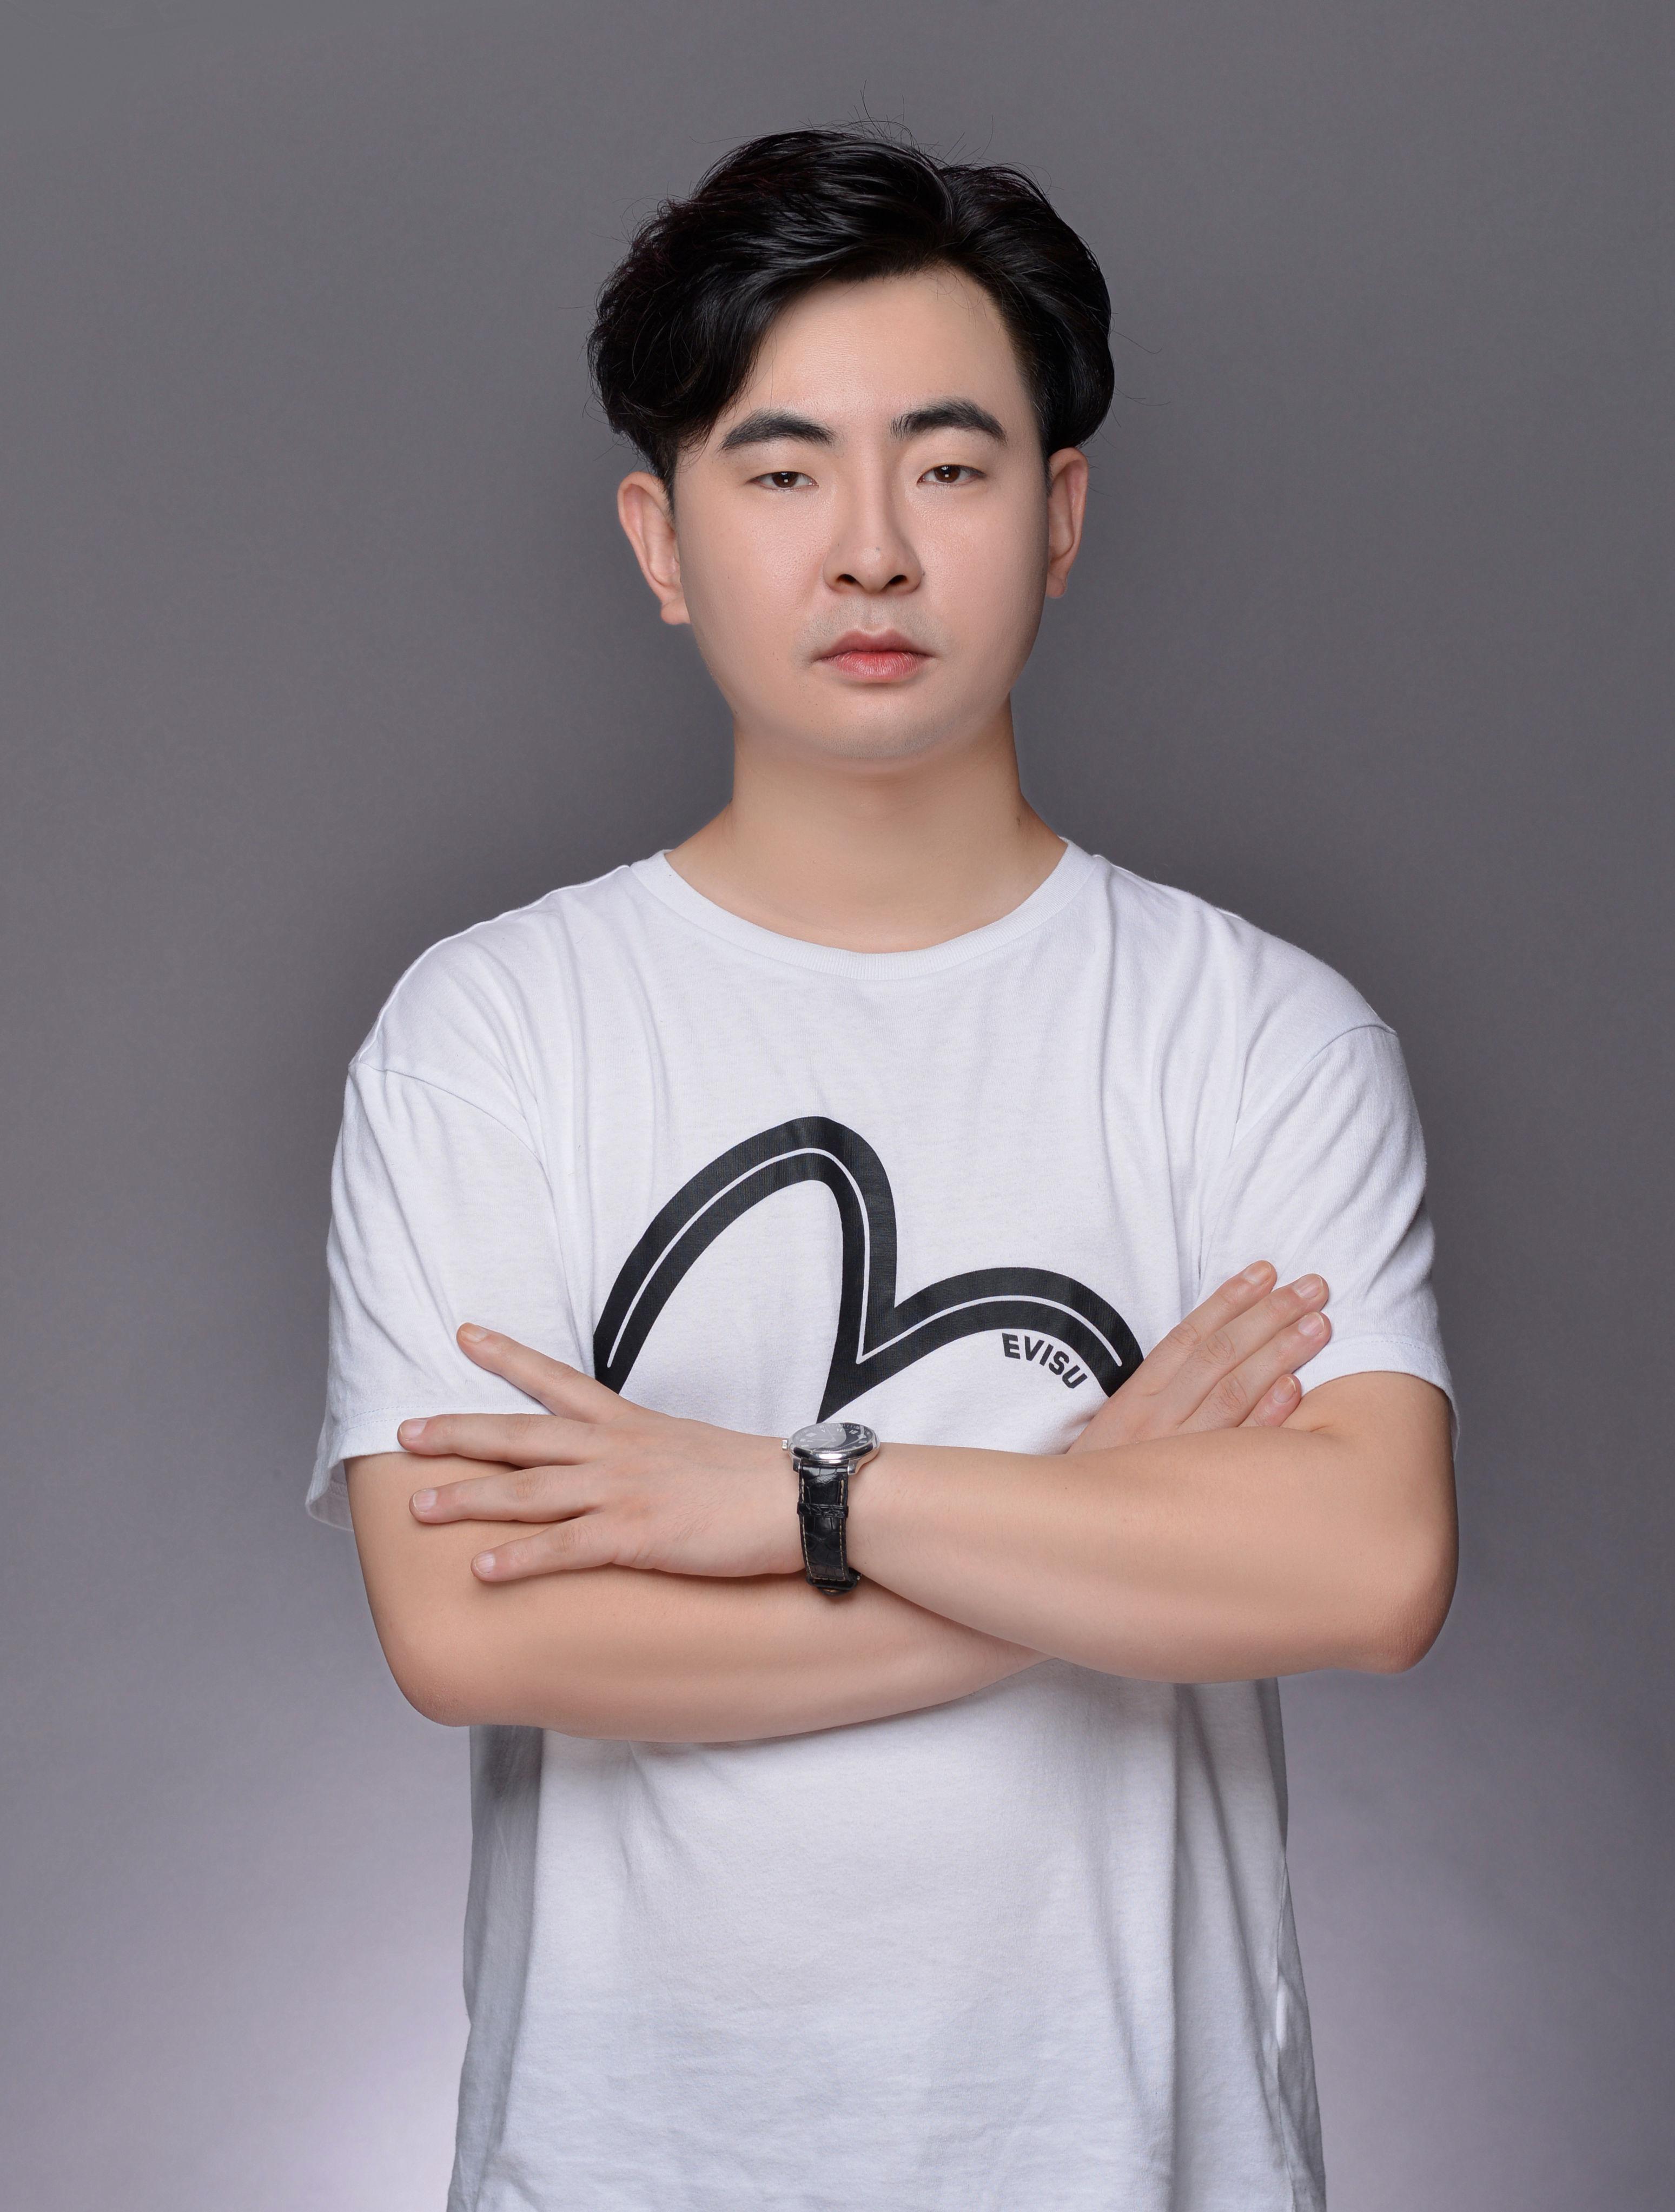 锦华装饰设计师-王振